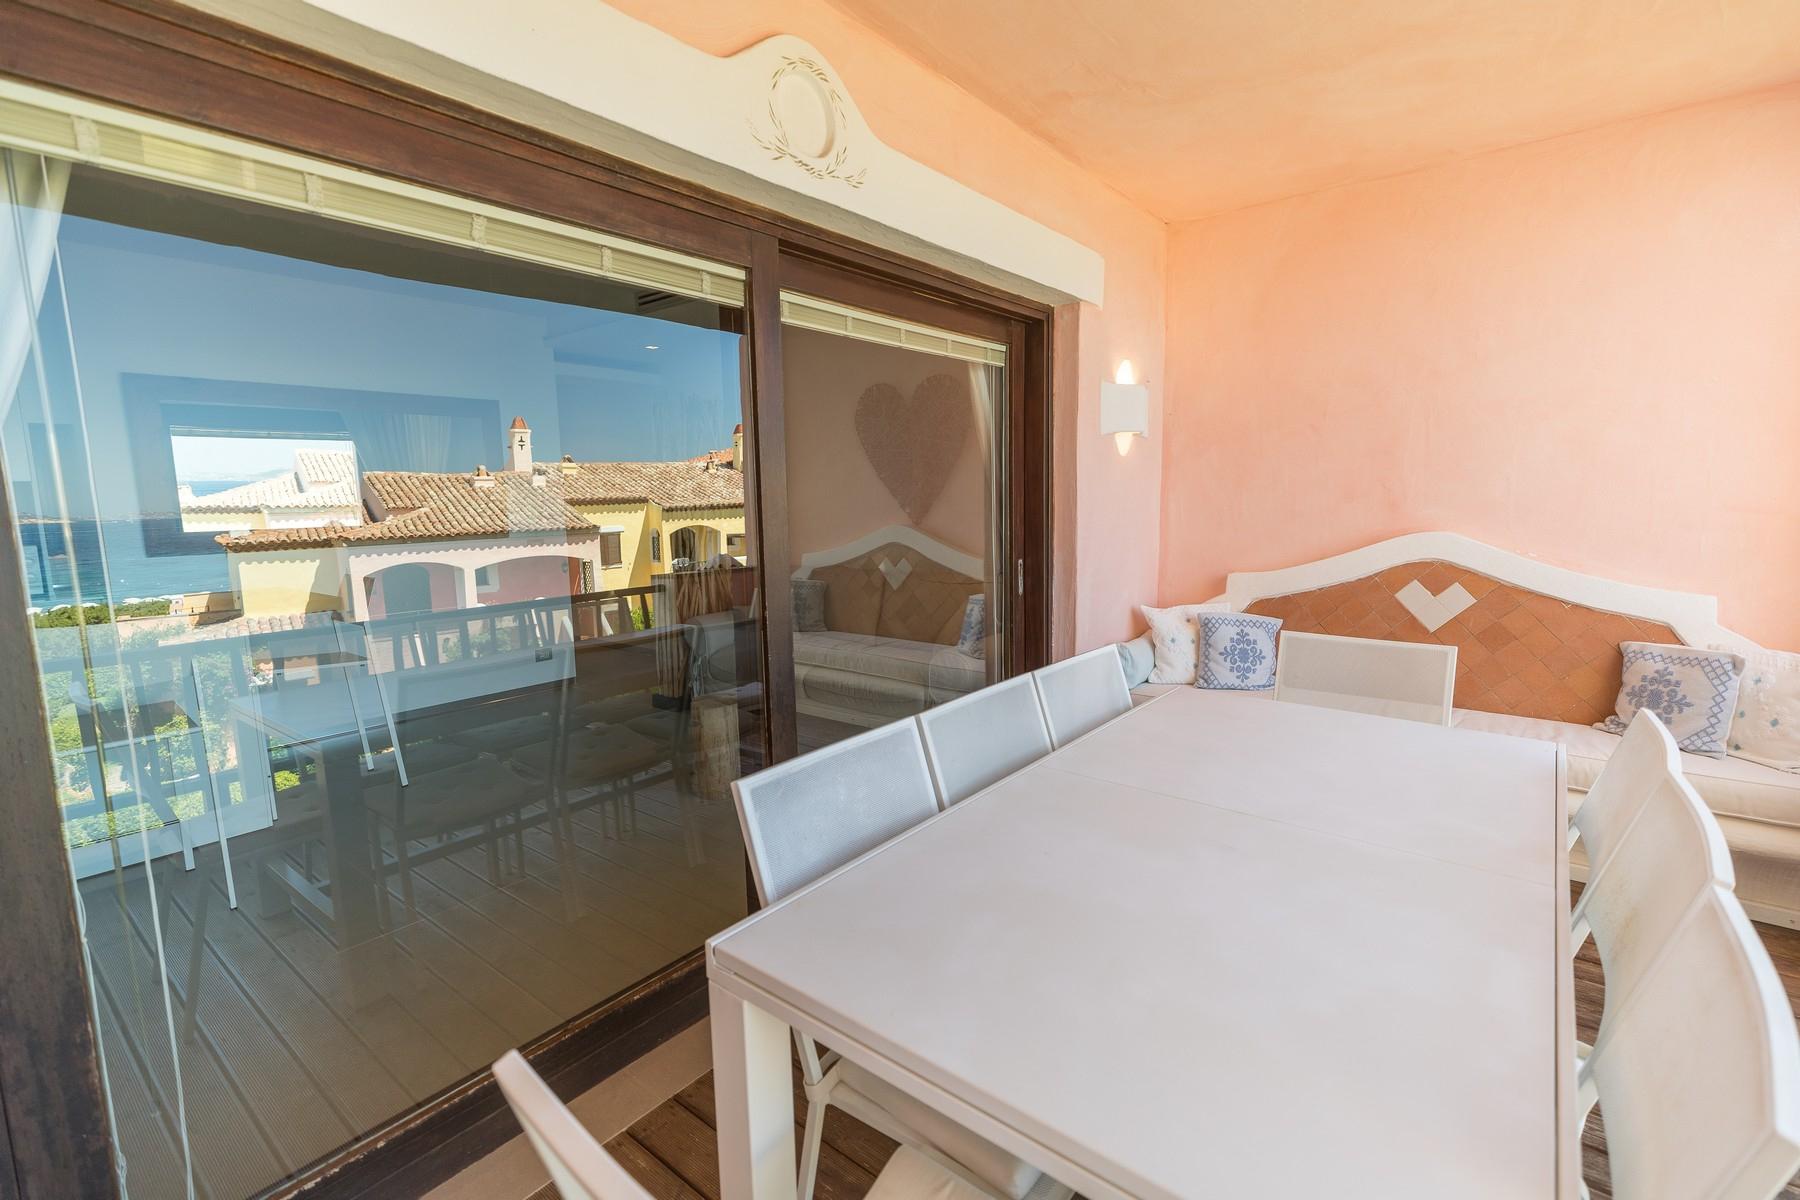 Appartamento in Vendita a Arzachena: 3 locali, 55 mq - Foto 7